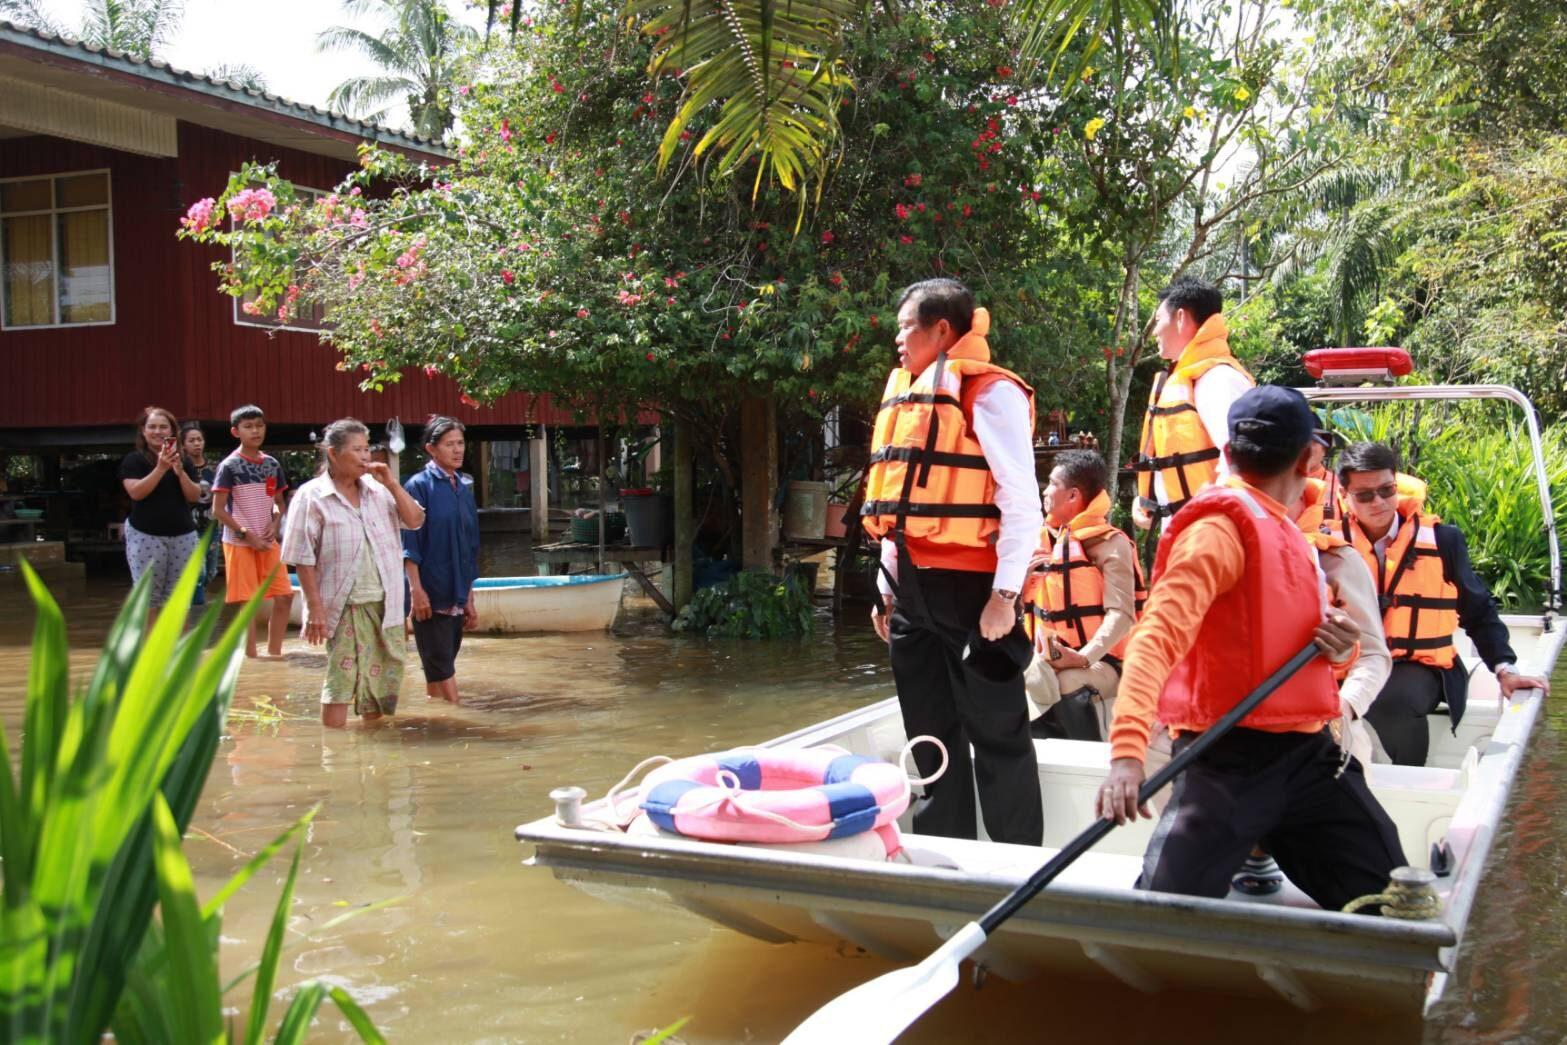 'นิพนธ์' ช่วยชาวสุราษฎร์ฯ หลังน้ำยังท่วมขังใน 4 อำเภอ พร้อมสั่งการ แก้ไขสถานการณ์น้ำป่าไหลหลากท่วมปราจีนบุรีเร่งด่วน